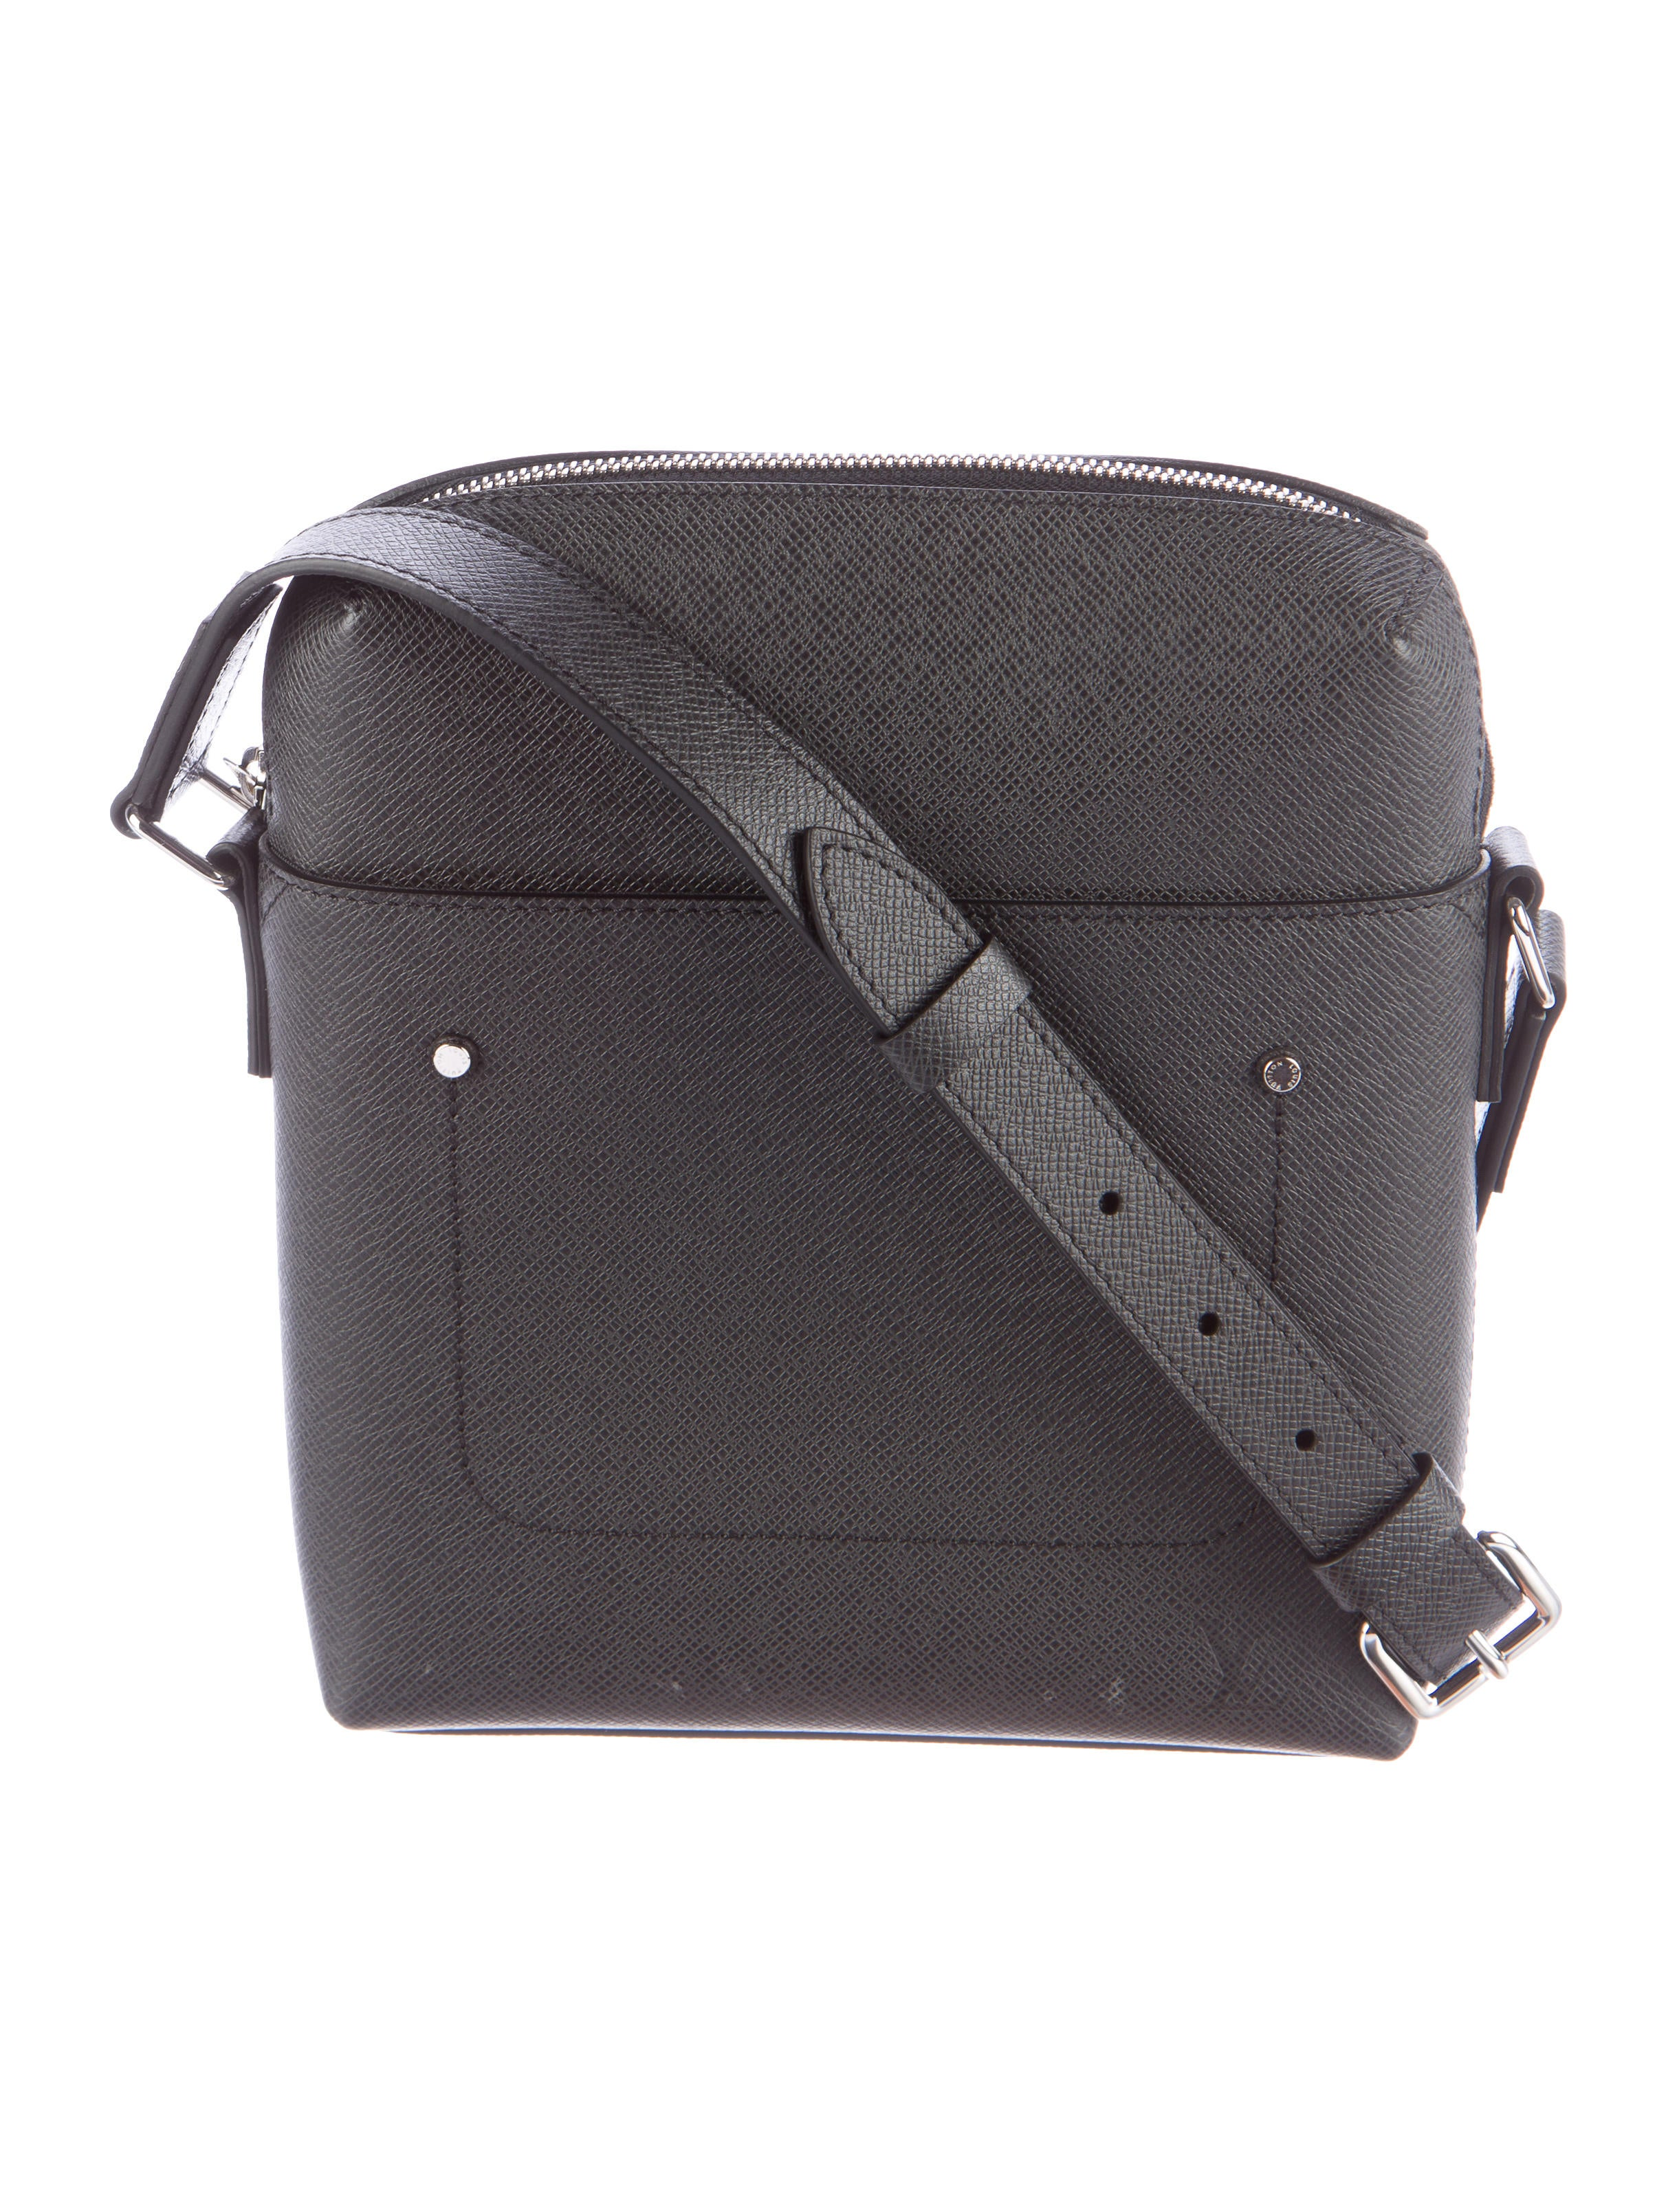 4e7375d72a5 Louis Vuitton Grigori Pochette bag - Bags - LOU92095